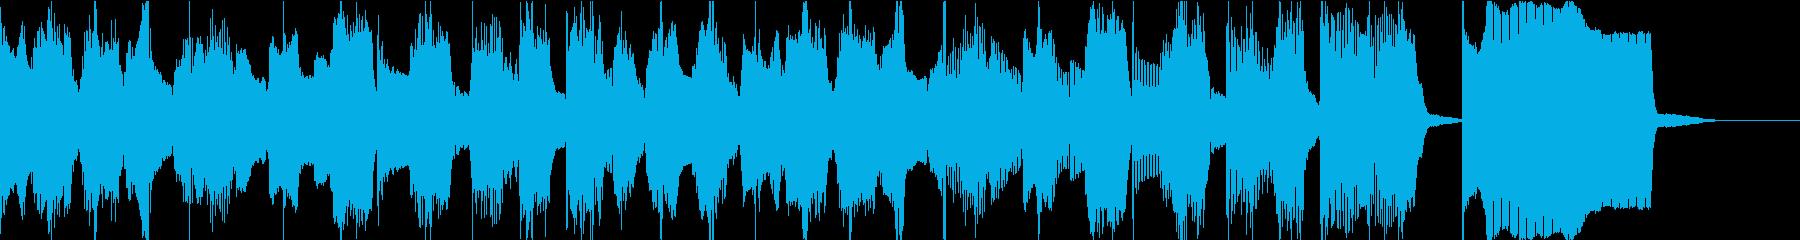 軽くてゆる〜いエンディングのジングル曲の再生済みの波形